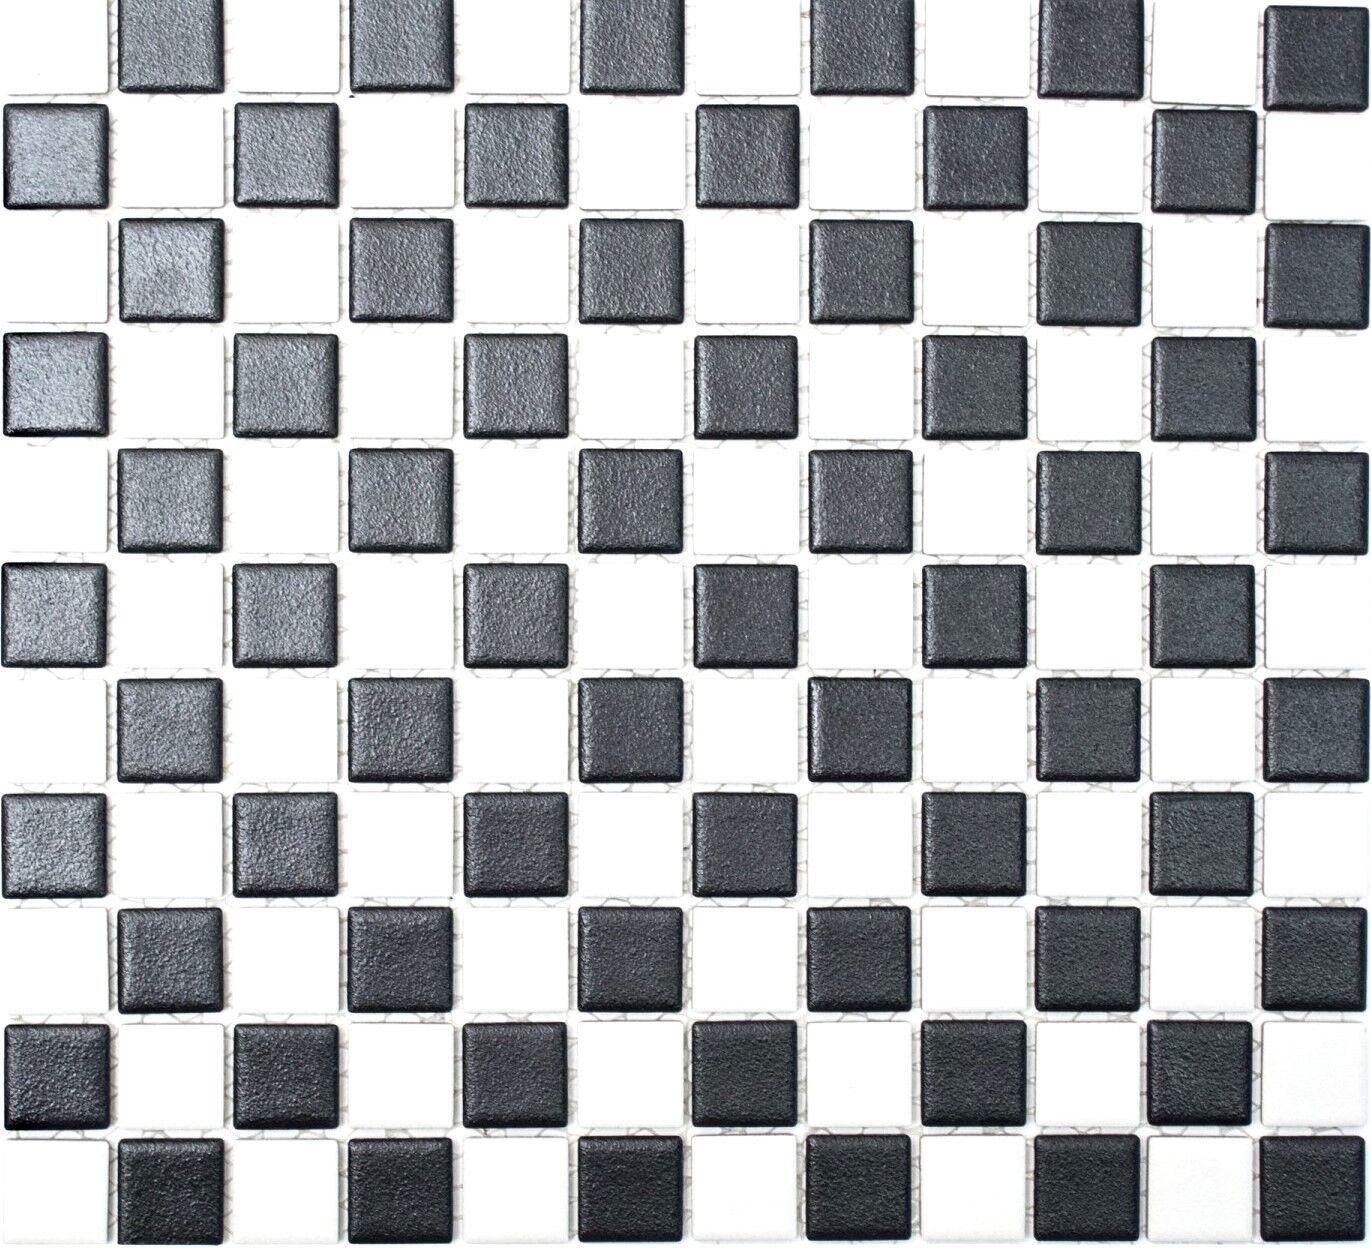 Mosaik schwarz weiss kuche - Kuchenruckwand auf tapete kleben ...